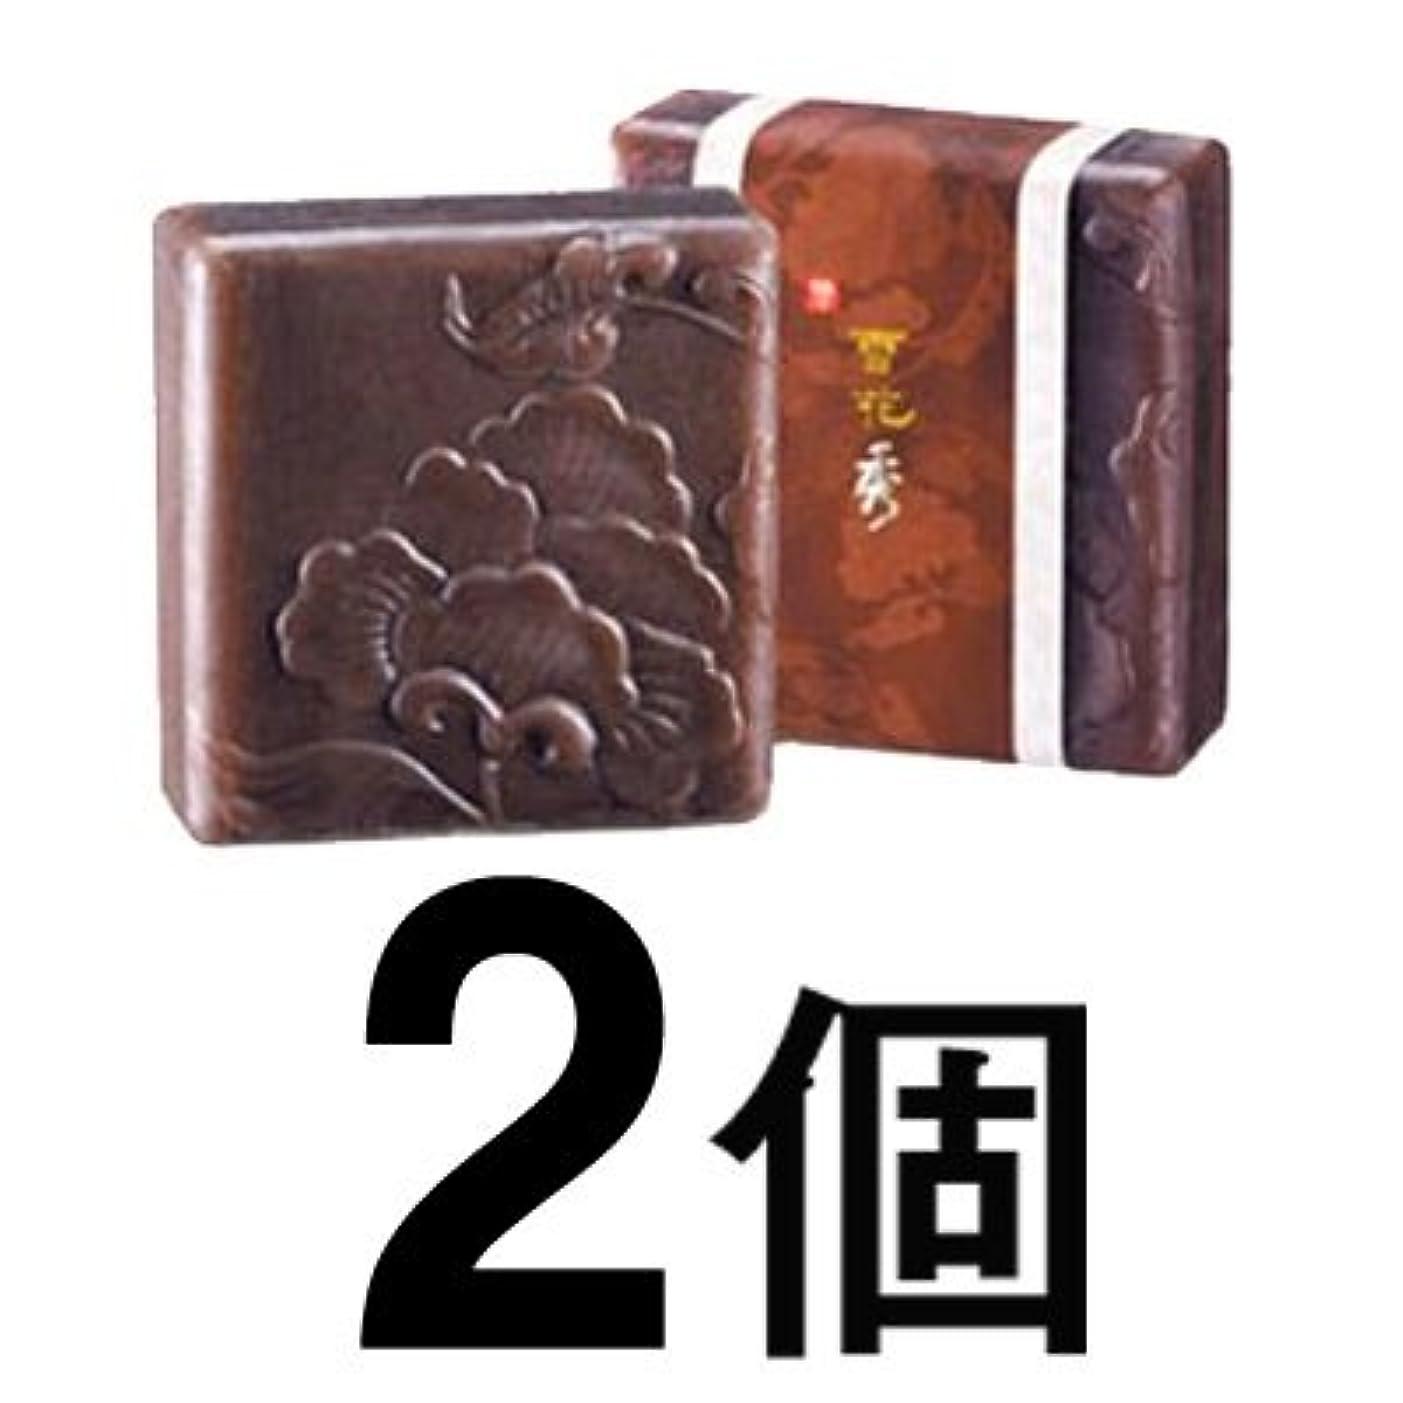 受粉者より多い蜂雪花秀 宮中石鹸70g / 2個